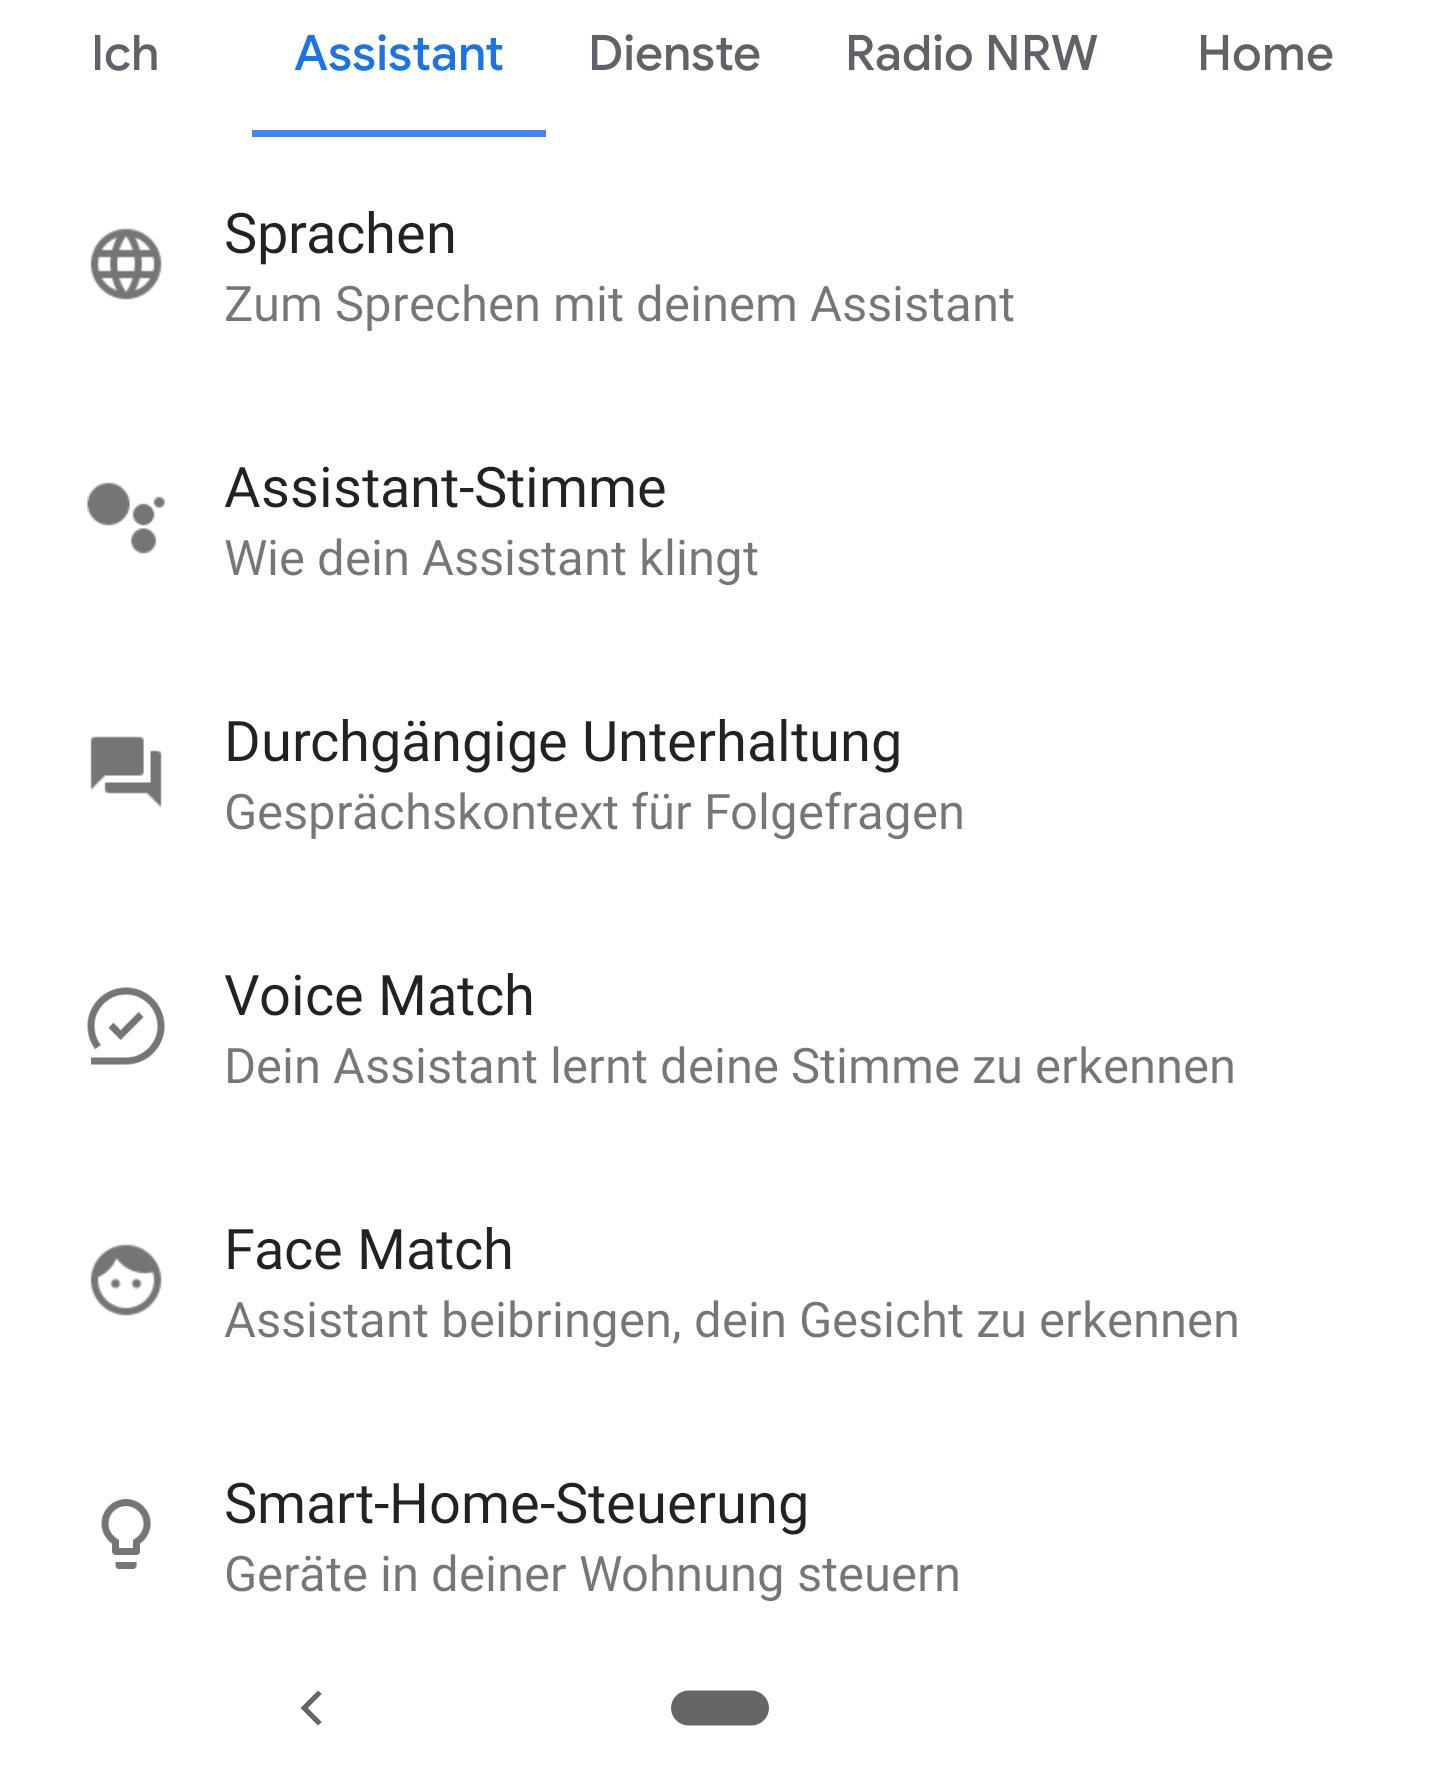 Die Assistant Stimme ist die zweite Option in den Einstellungen zum Assistant.